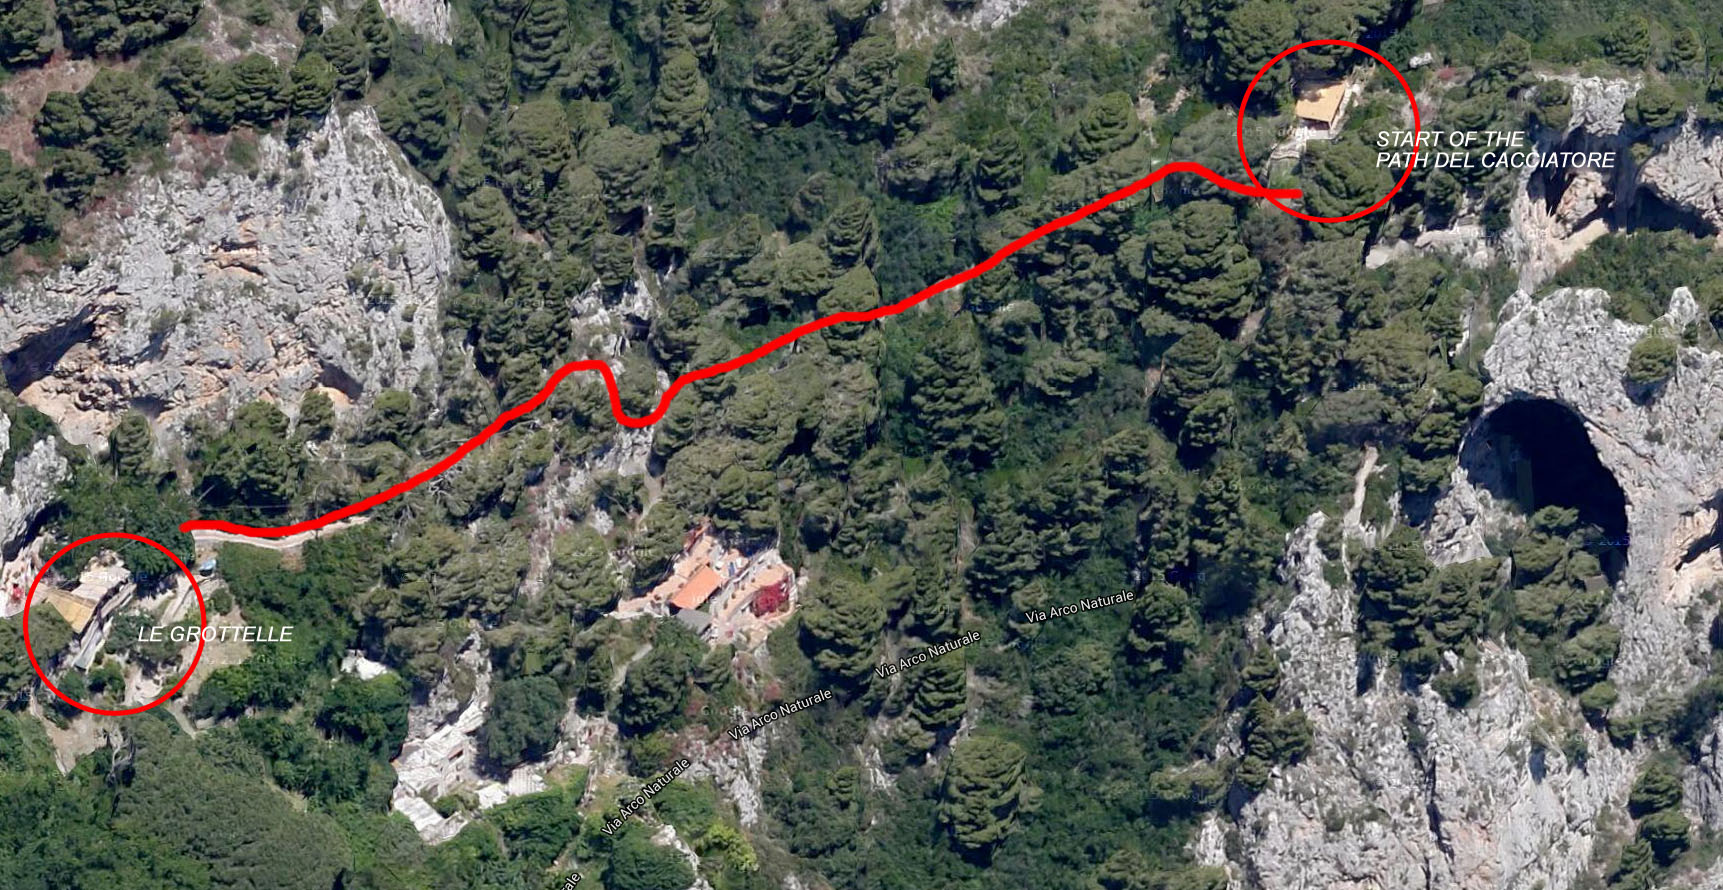 Sentiero dei cacciatori - Mappa 1